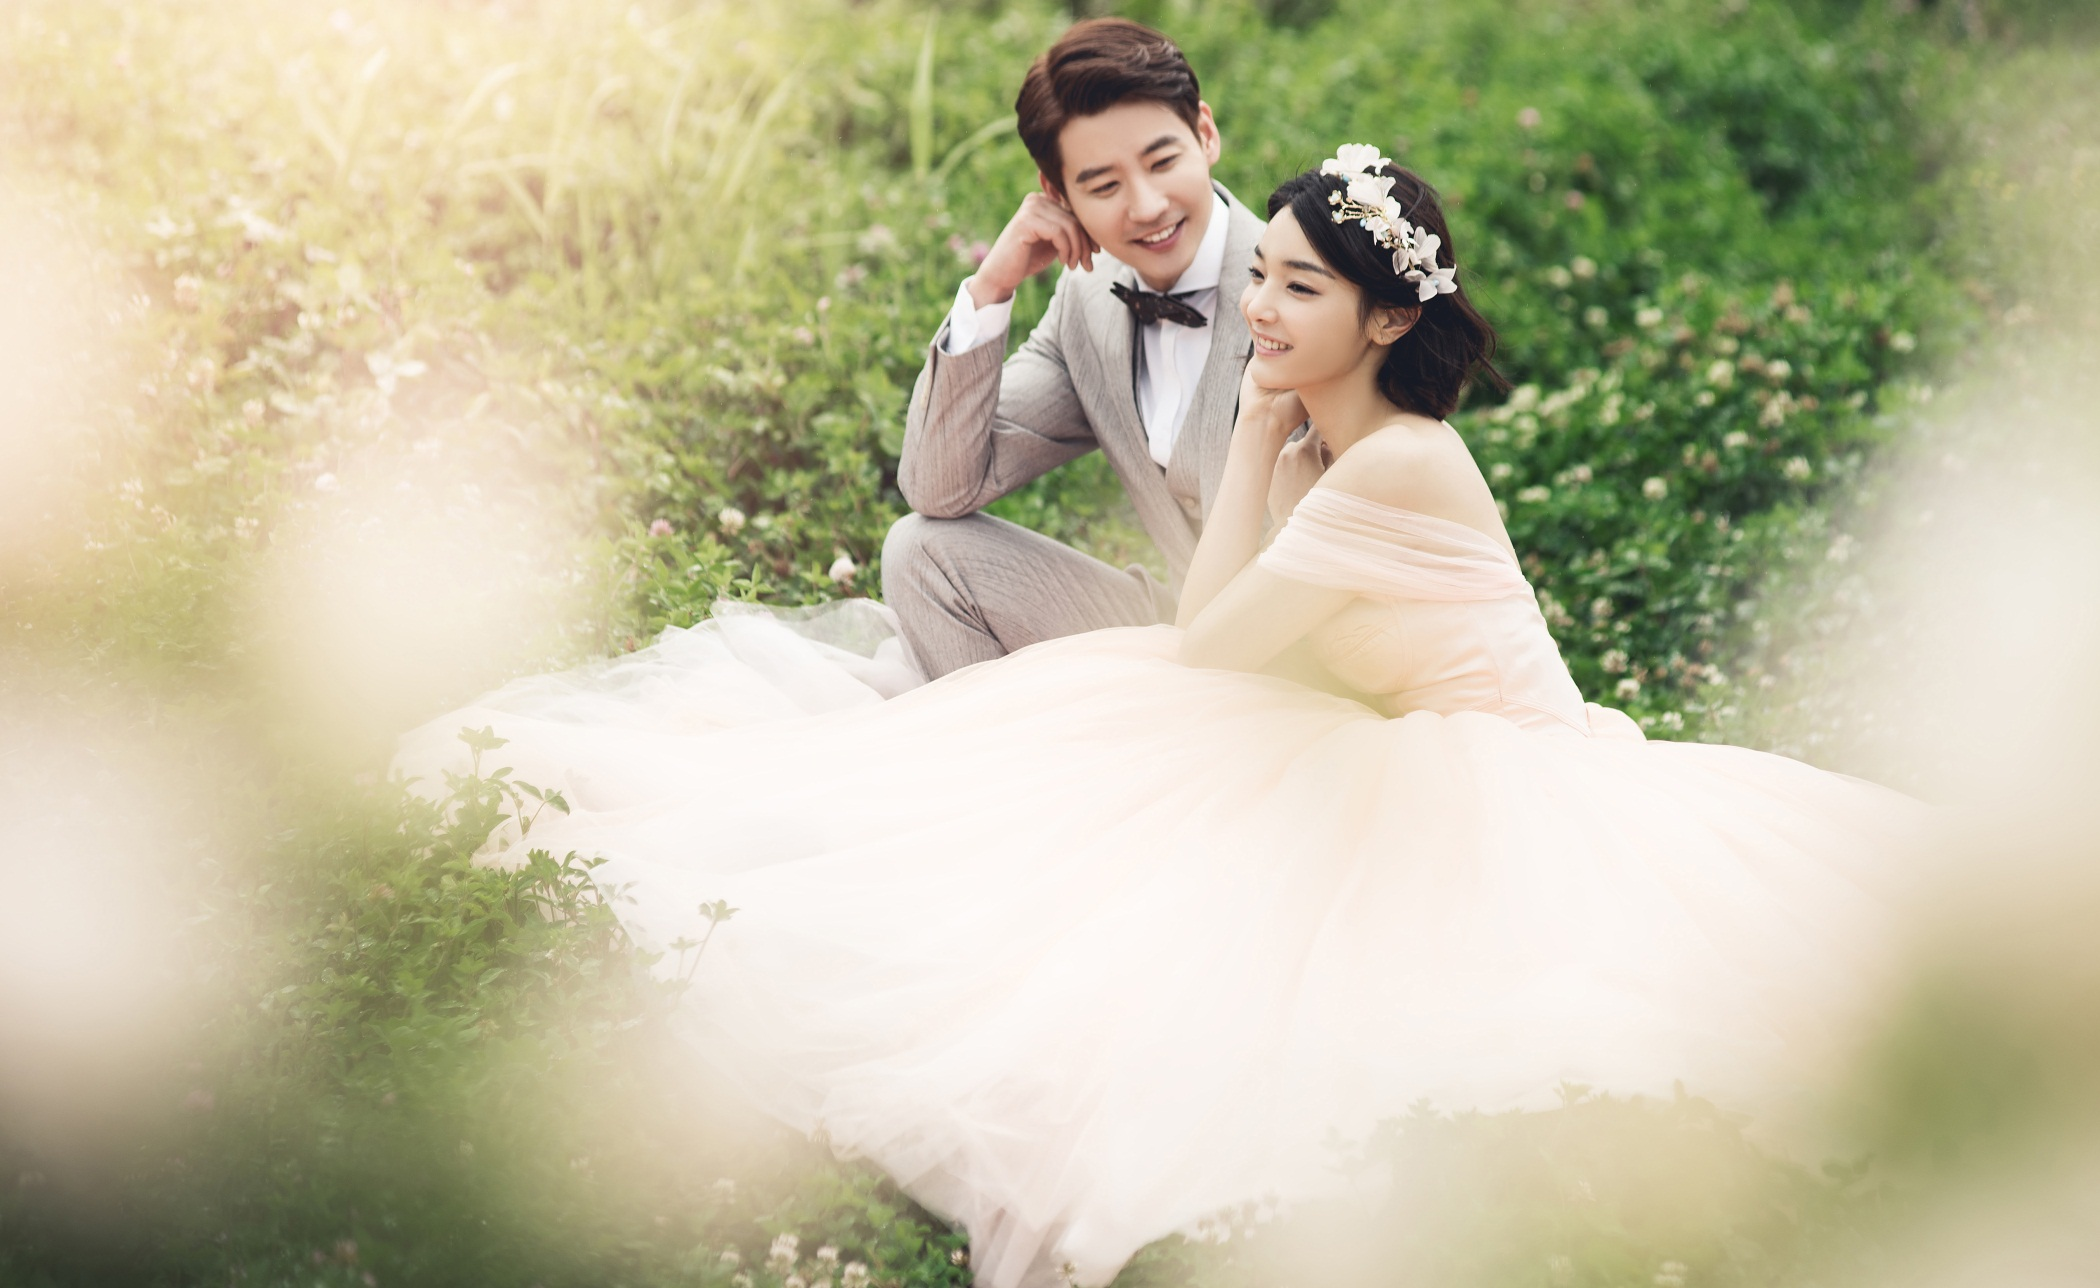 要做完美新娘?这些小细节你忽略了吗?